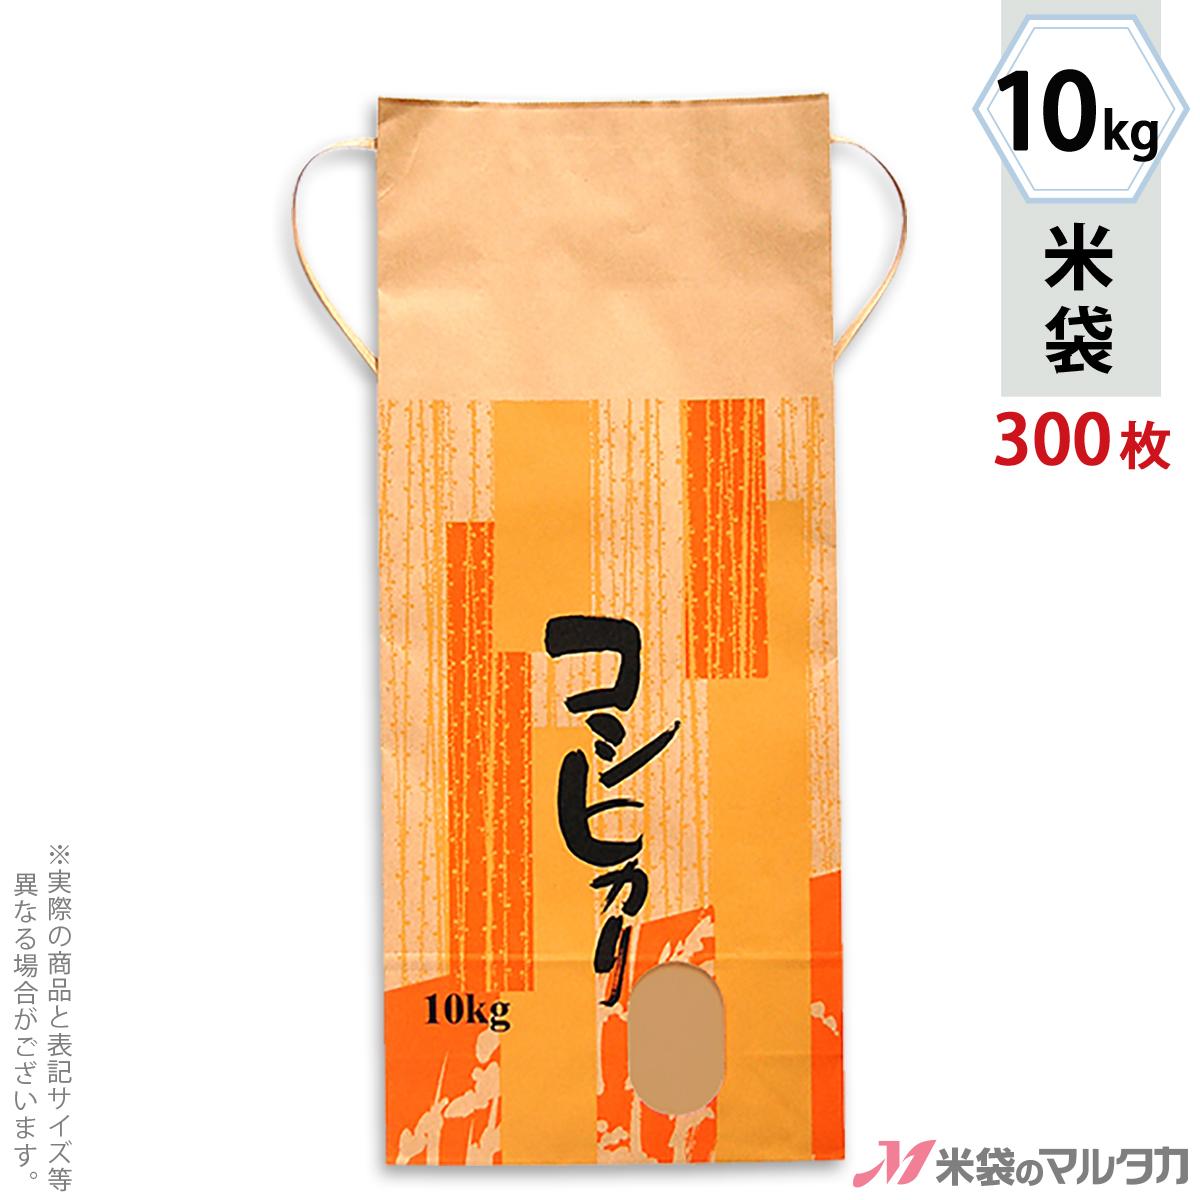 米袋 10kg 日本未発売 1ケース 300枚入 コシヒカリ用の紐付クラフト米袋 直売所での販売 産地直送に便利 紙袋 しぐれ 角底 窓付 マルタカ 10kg用紐付 コシヒカリ 特価キャンペーン クラフト KH-0110